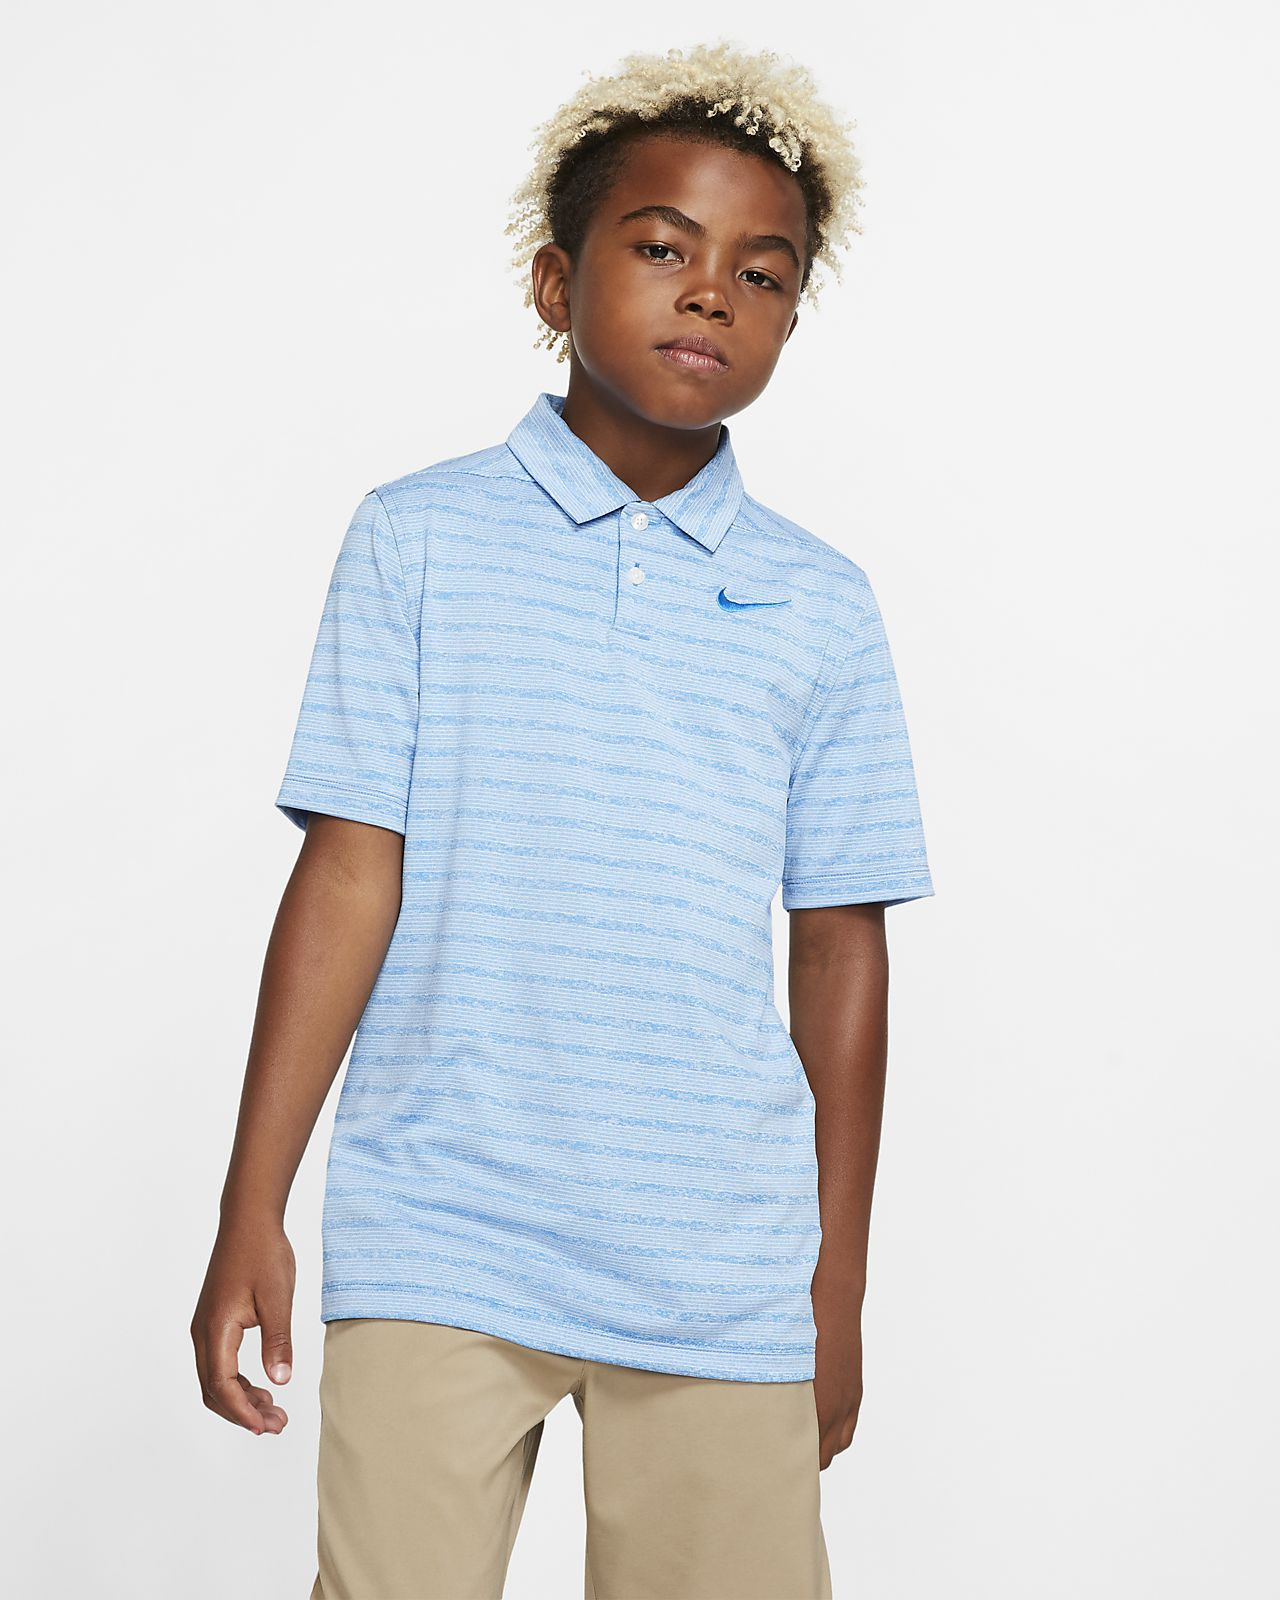 Nike Dri-FIT csíkos golfpóló fiúknak